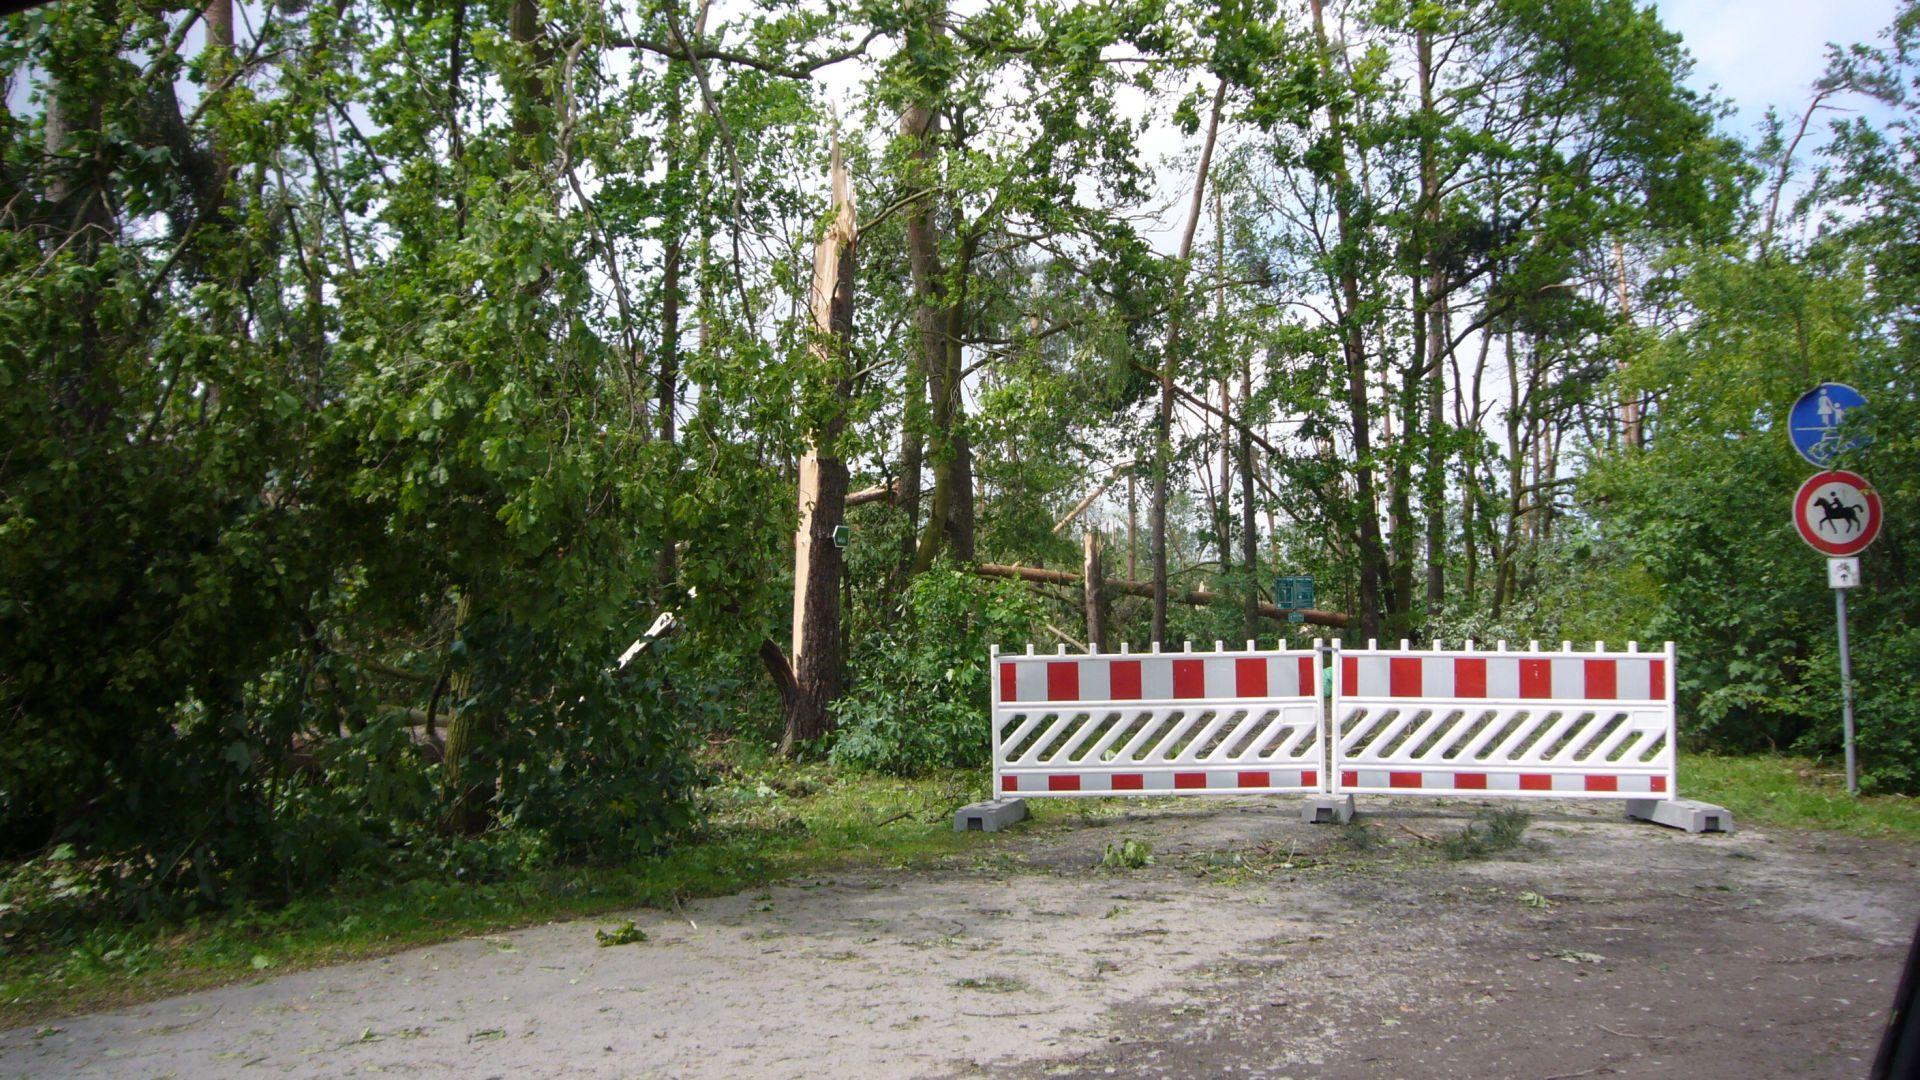 http://www.abload.de/img/tornadogrossenhain005zye5.jpg